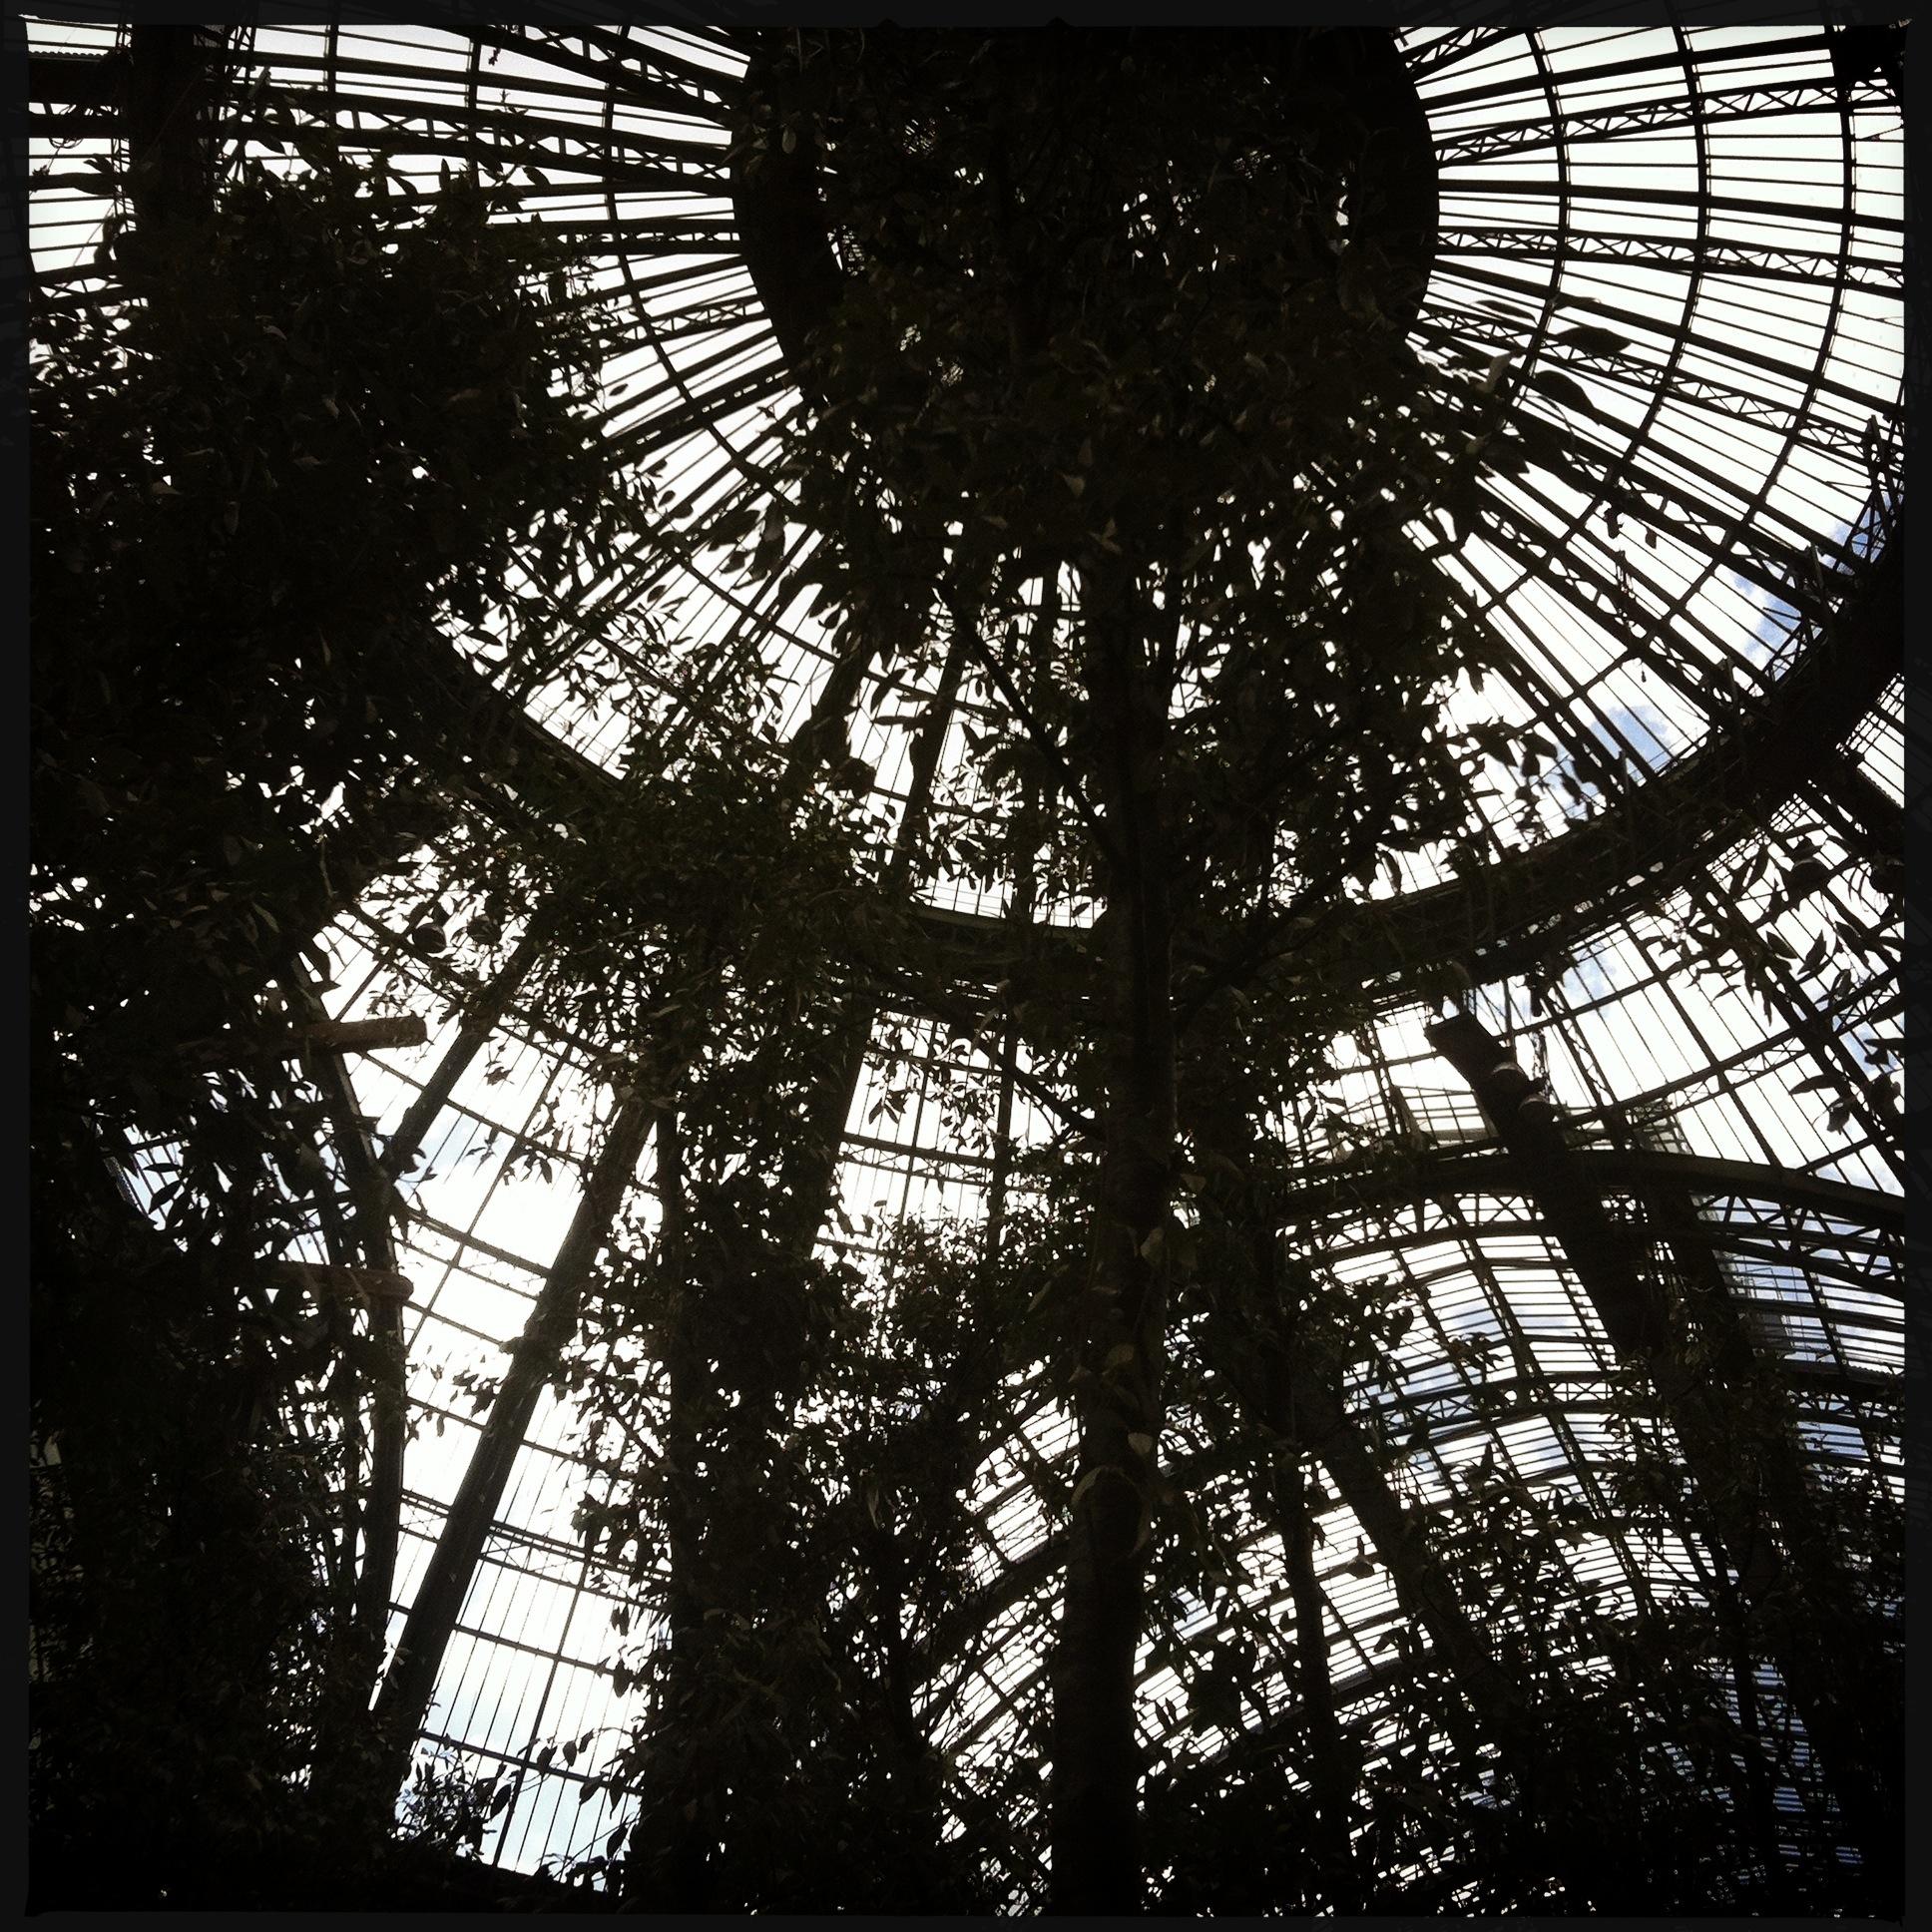 Art du jardin 2013 au grand palais paris art des for Art du jardin grand palais